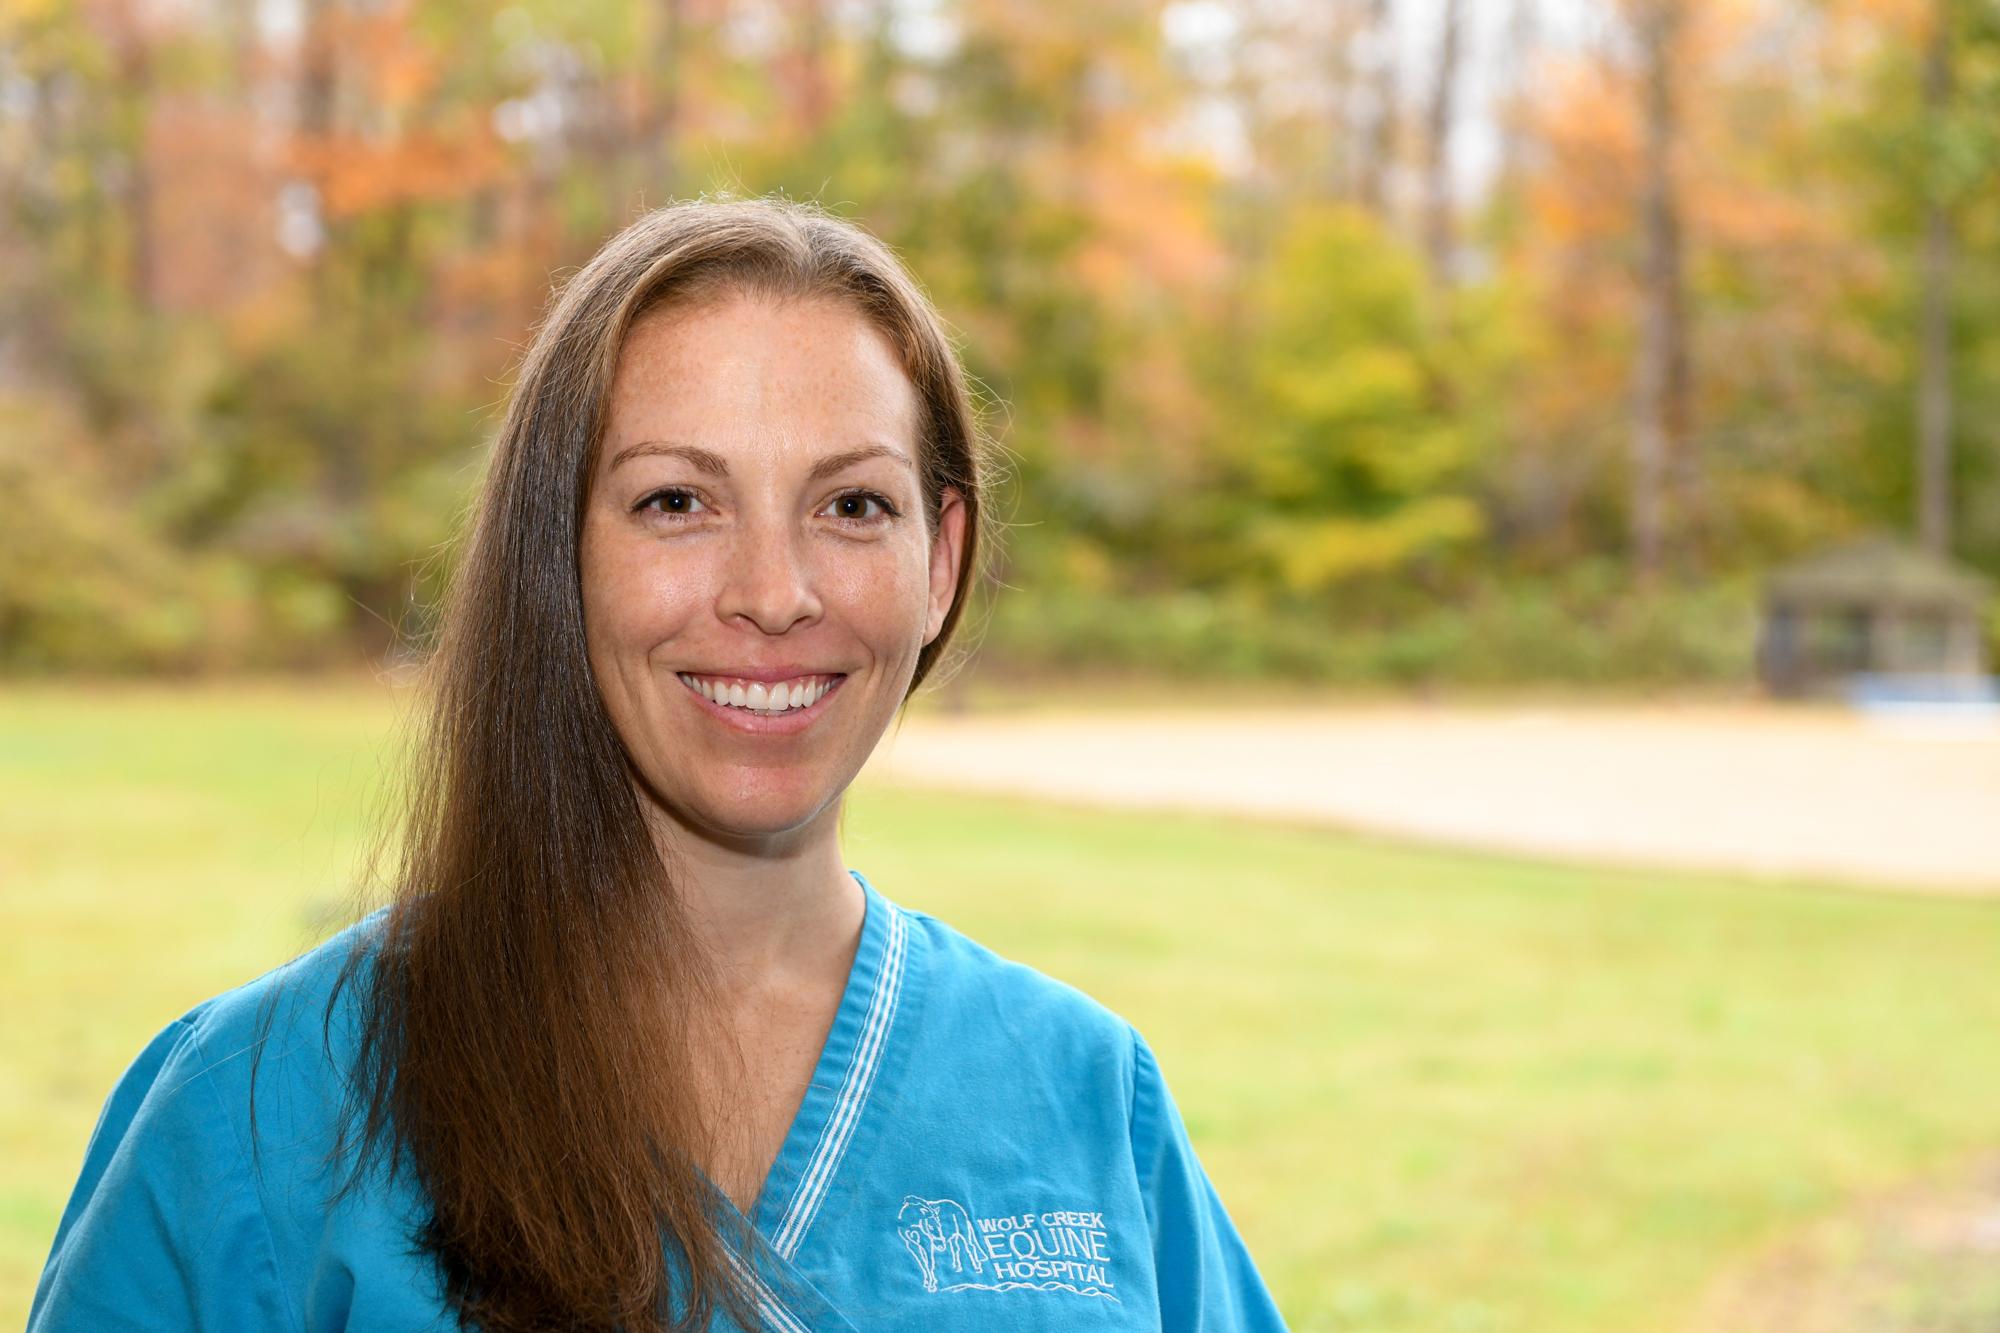 Katherine Brescia